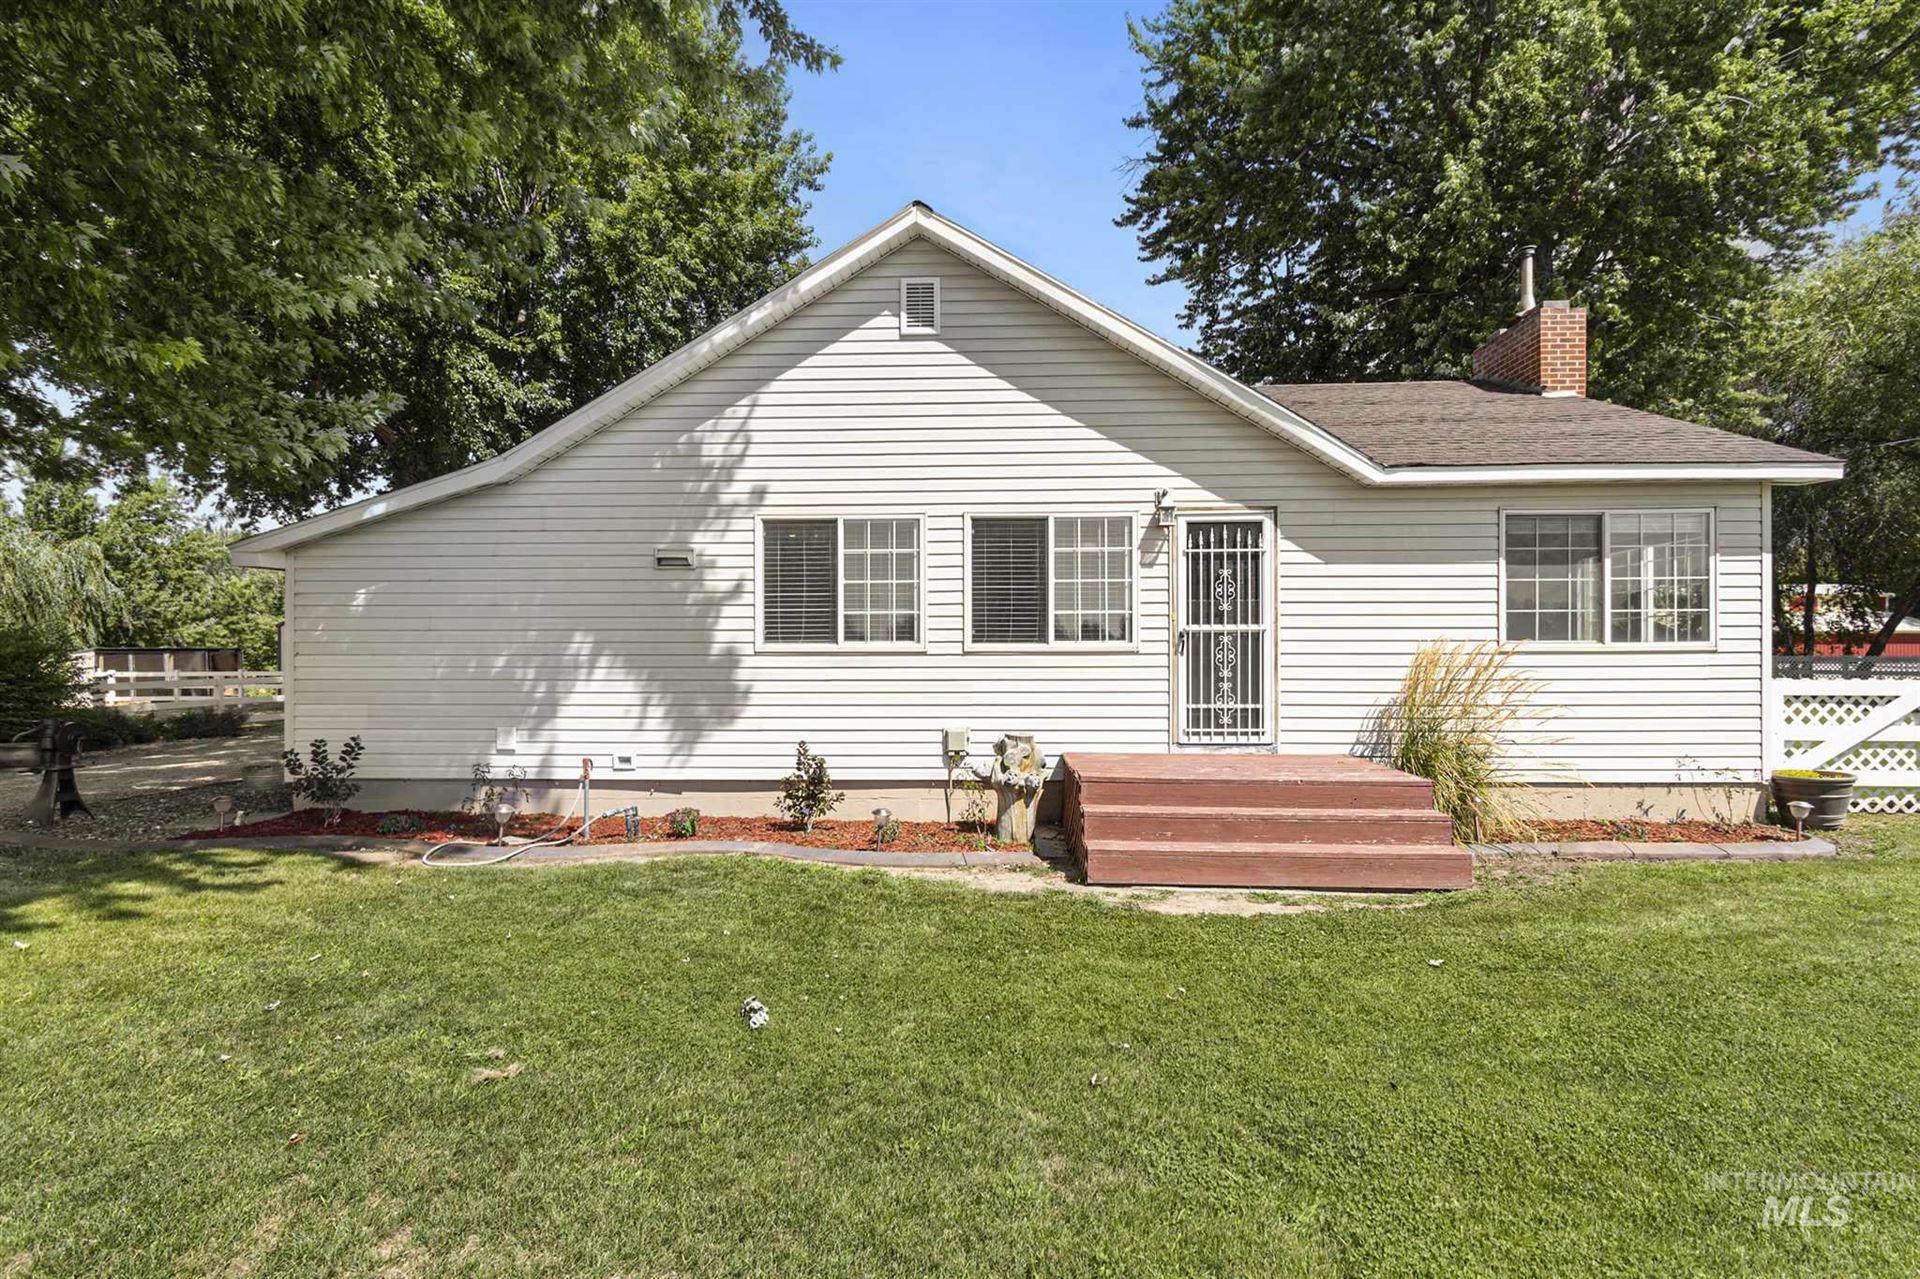 Photo of 22998 Lansing, Middleton, ID 83644-5630 (MLS # 98776443)